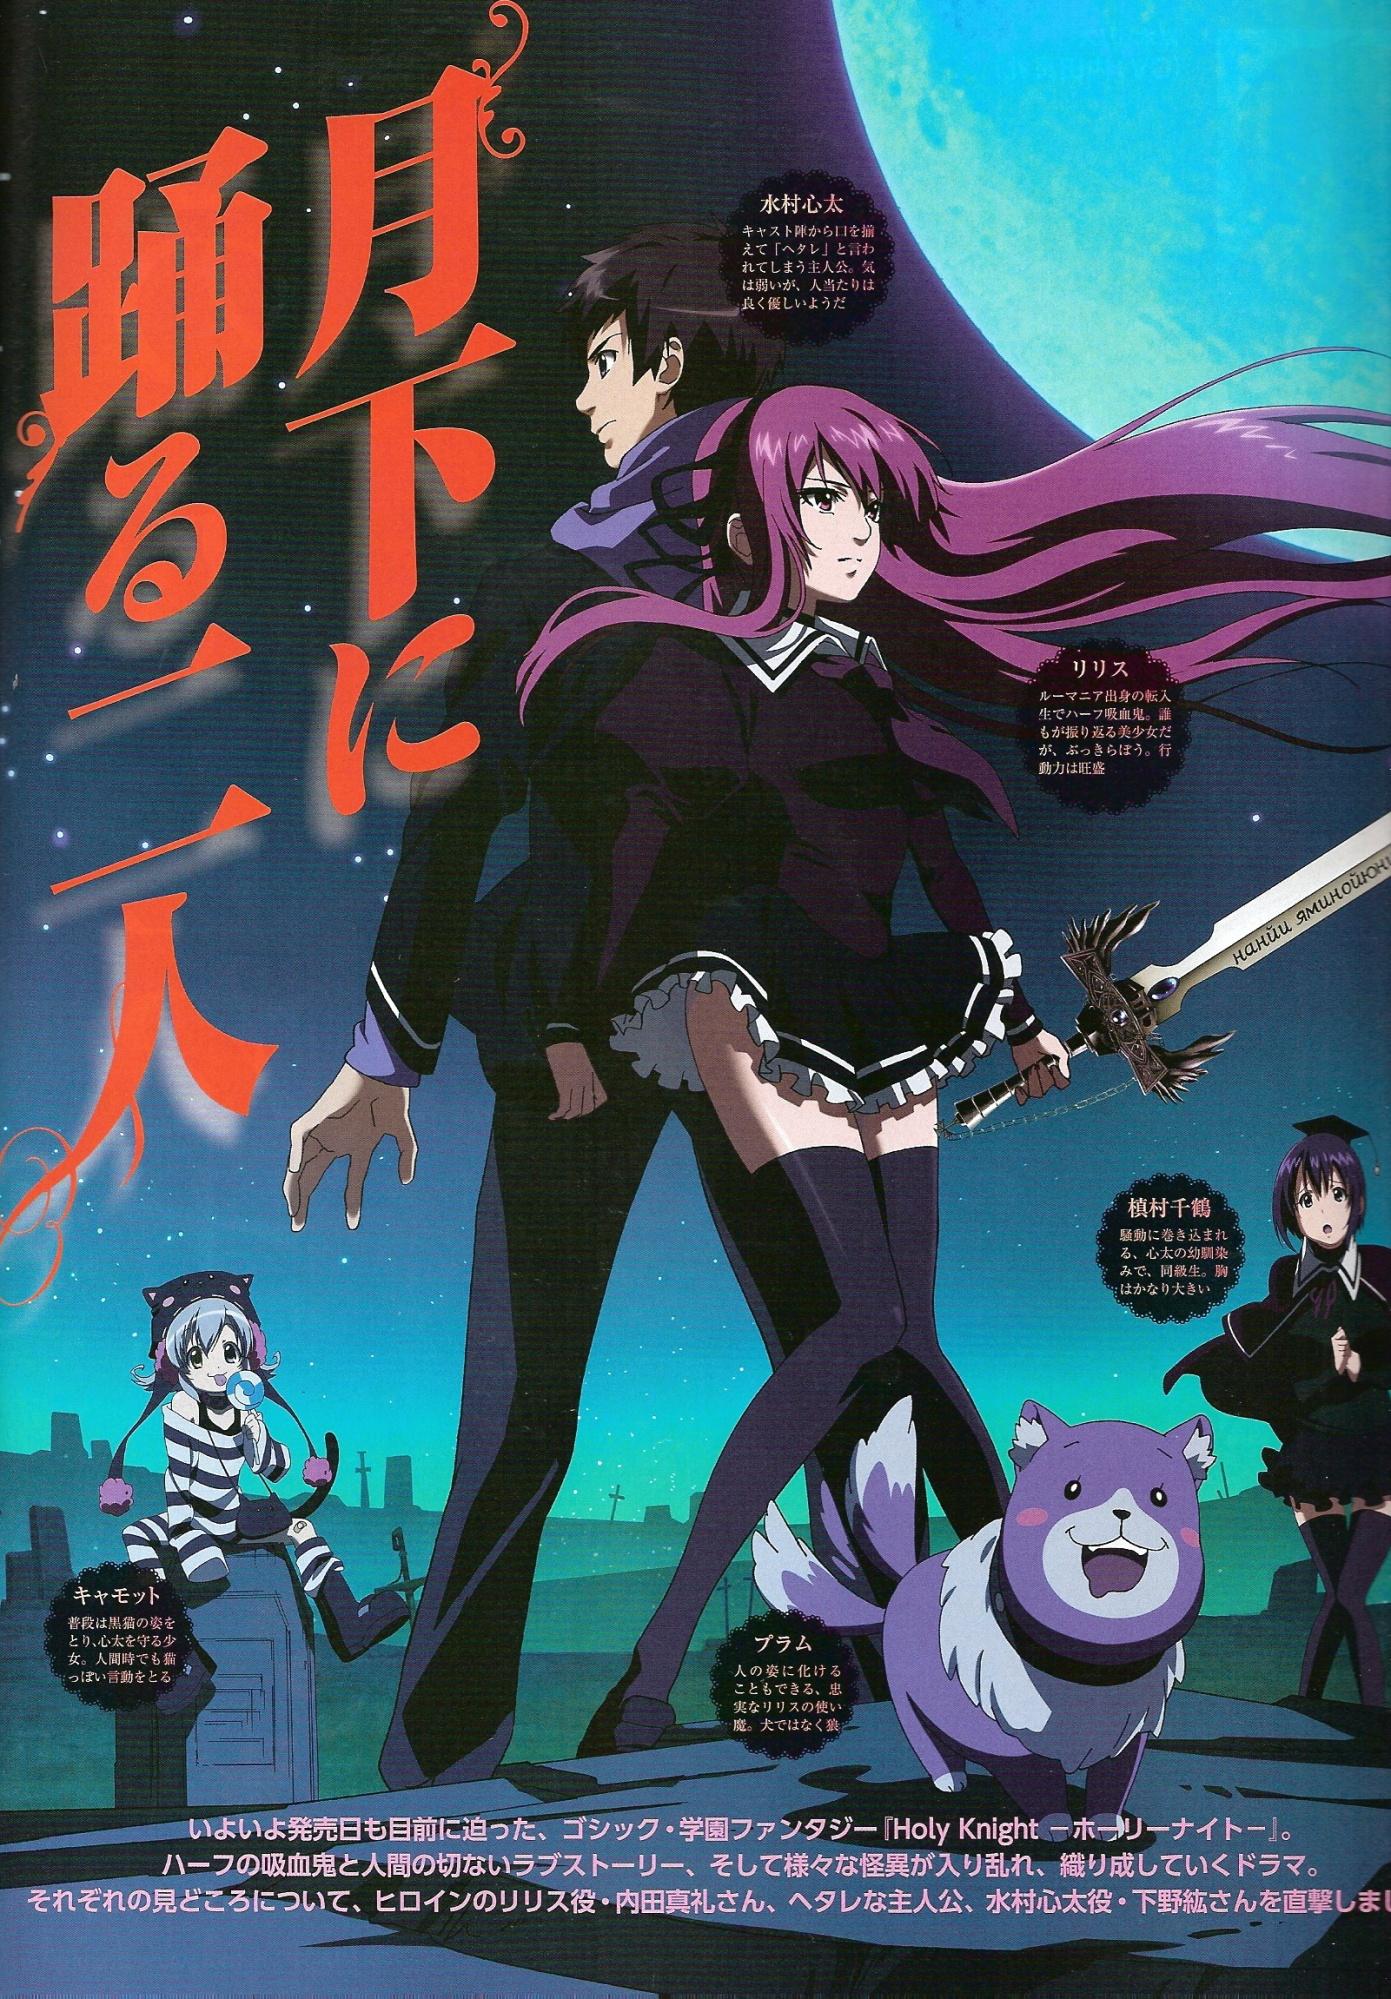 Holy Knight Manga